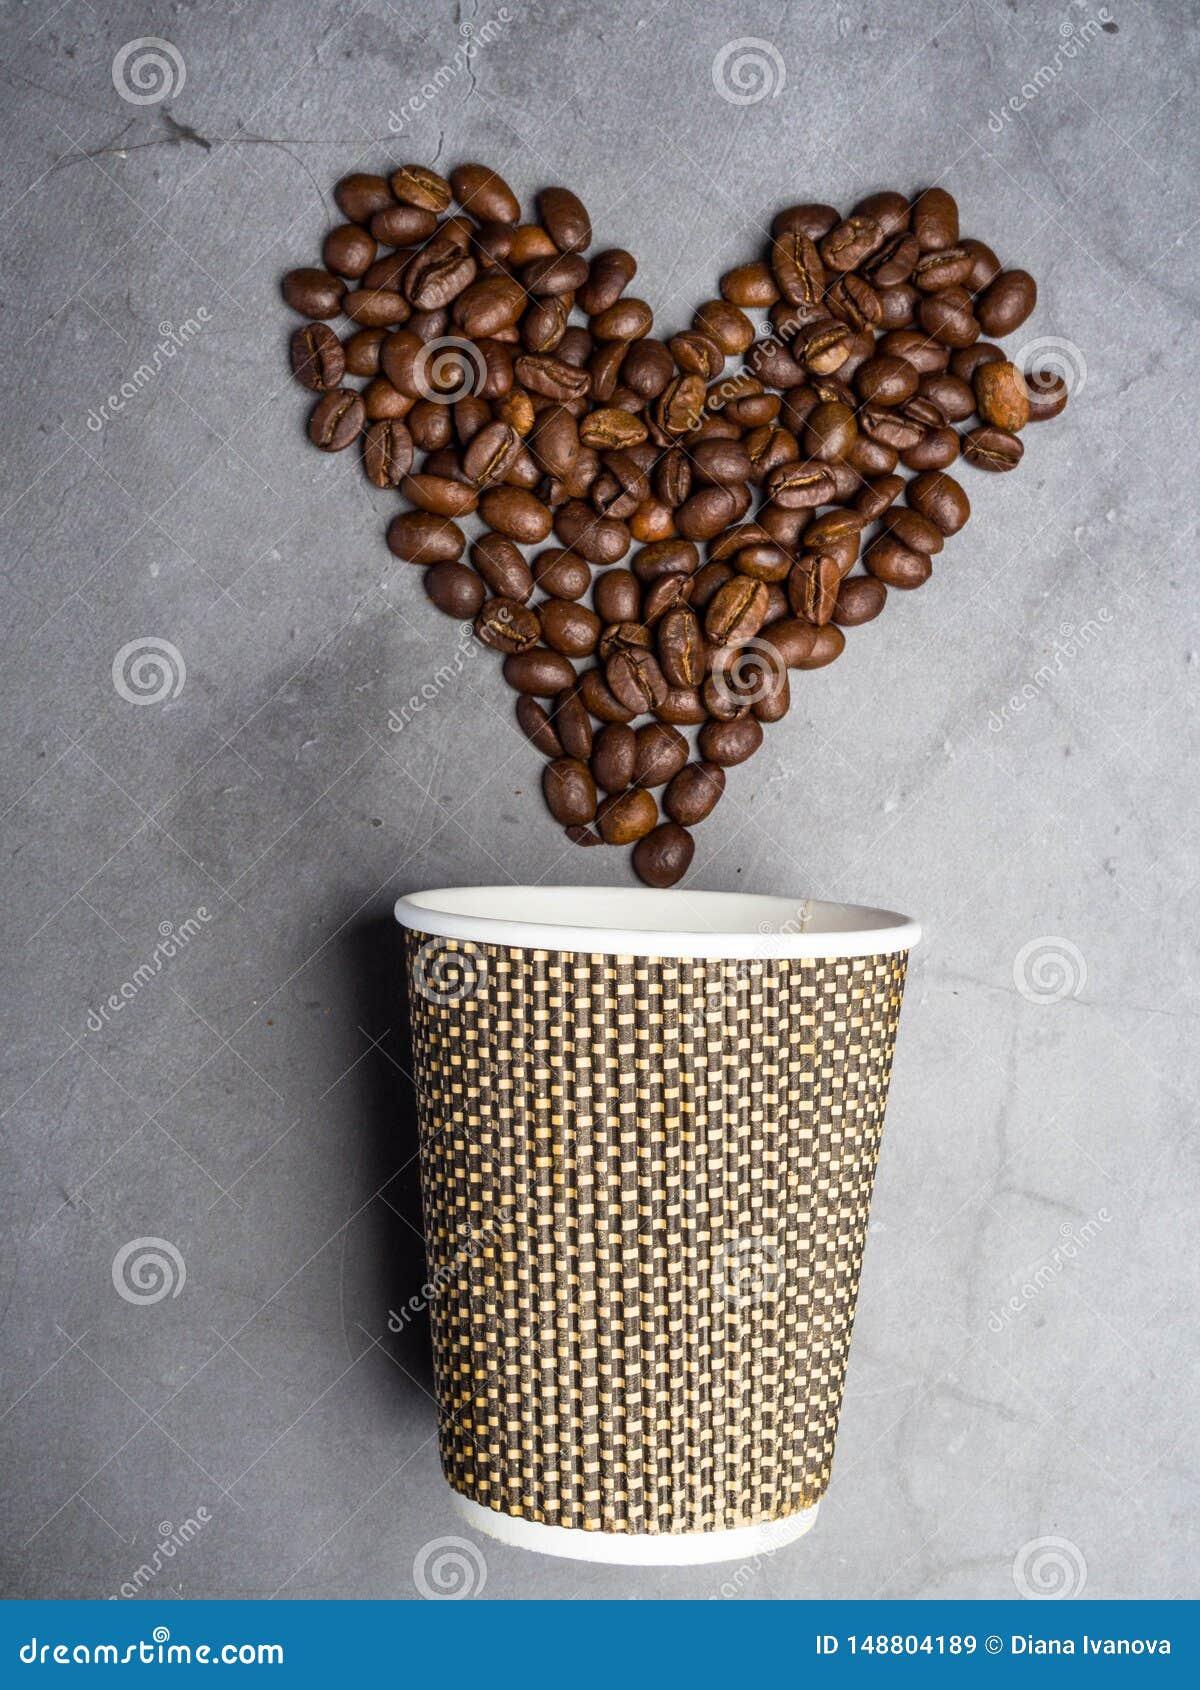 Caf? do papel da vista superior a ir copo e cora??o feitos dos feij?es de caf?, espa?o da c?pia, fundo cinzento